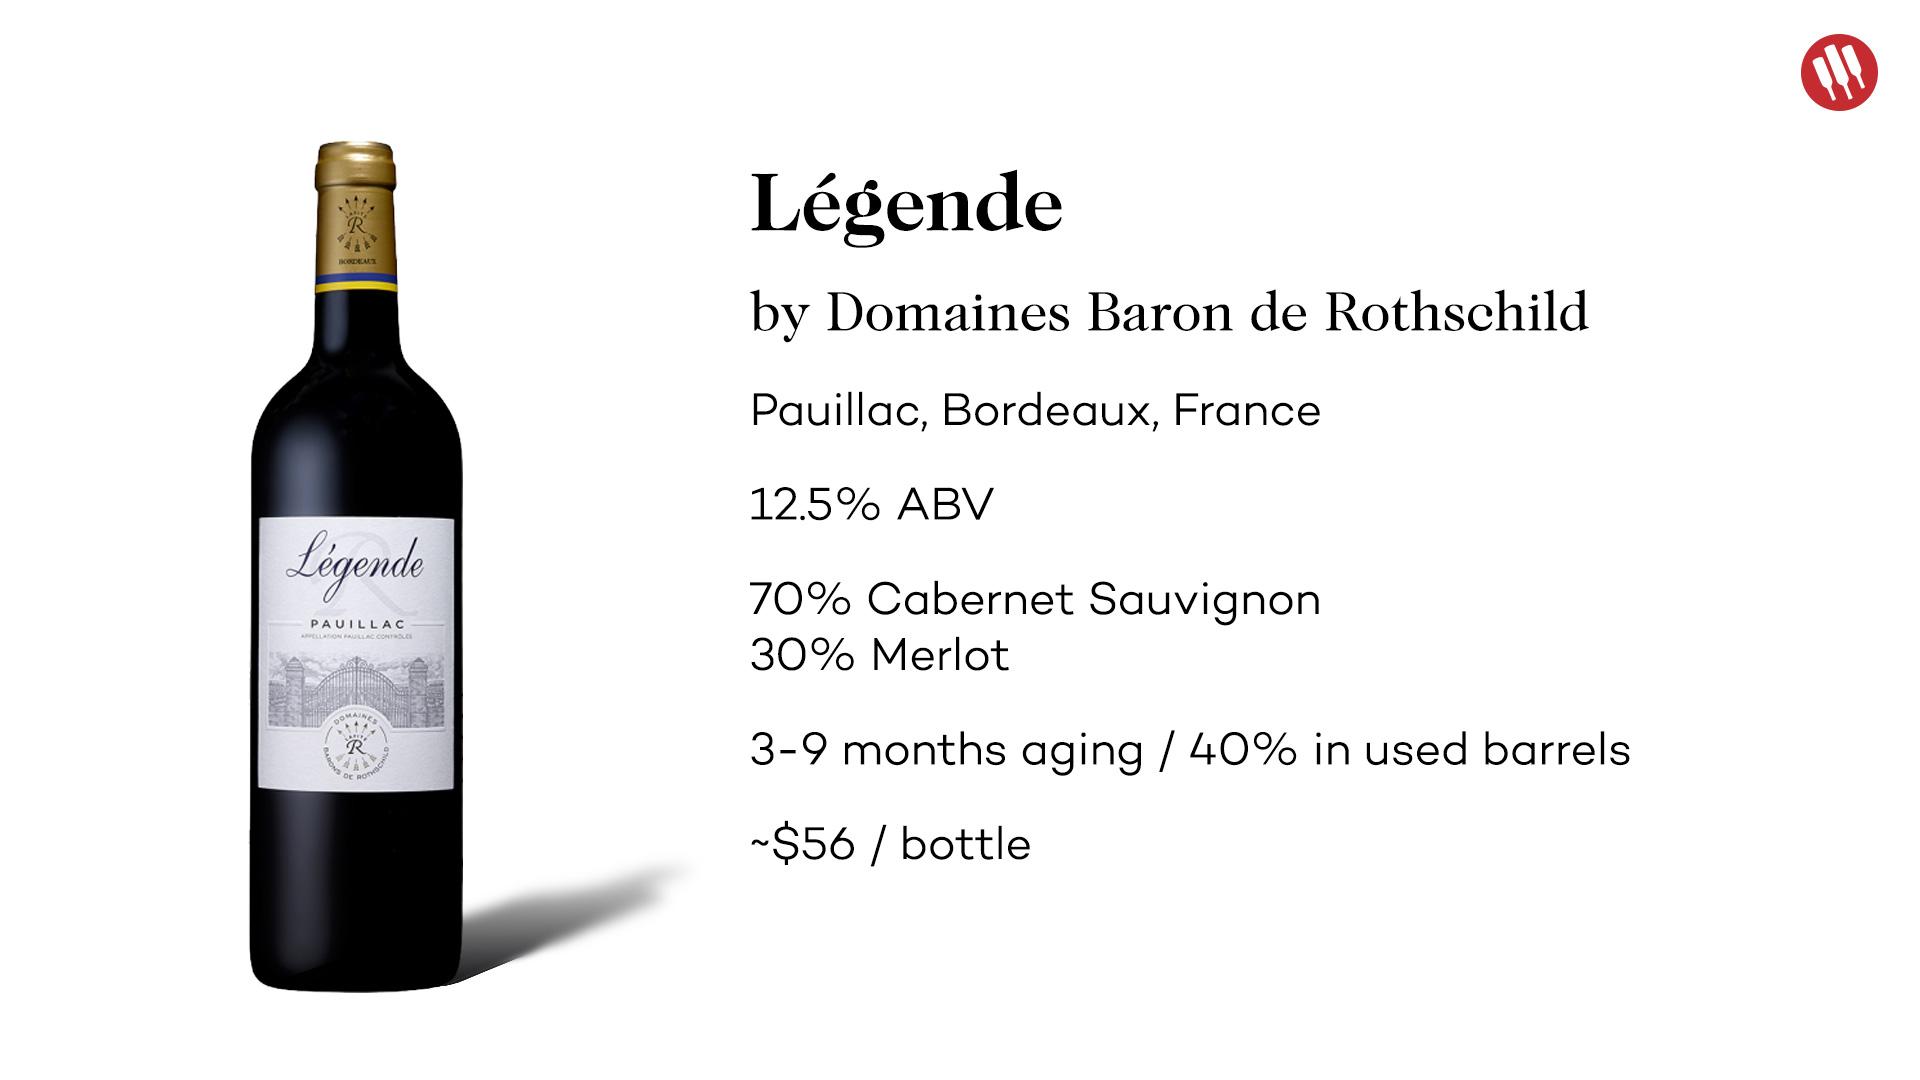 Legende 2015 Pauillac Bordeaux Cabernet Sauvignon Blend by Domaines Baron de Rothschild